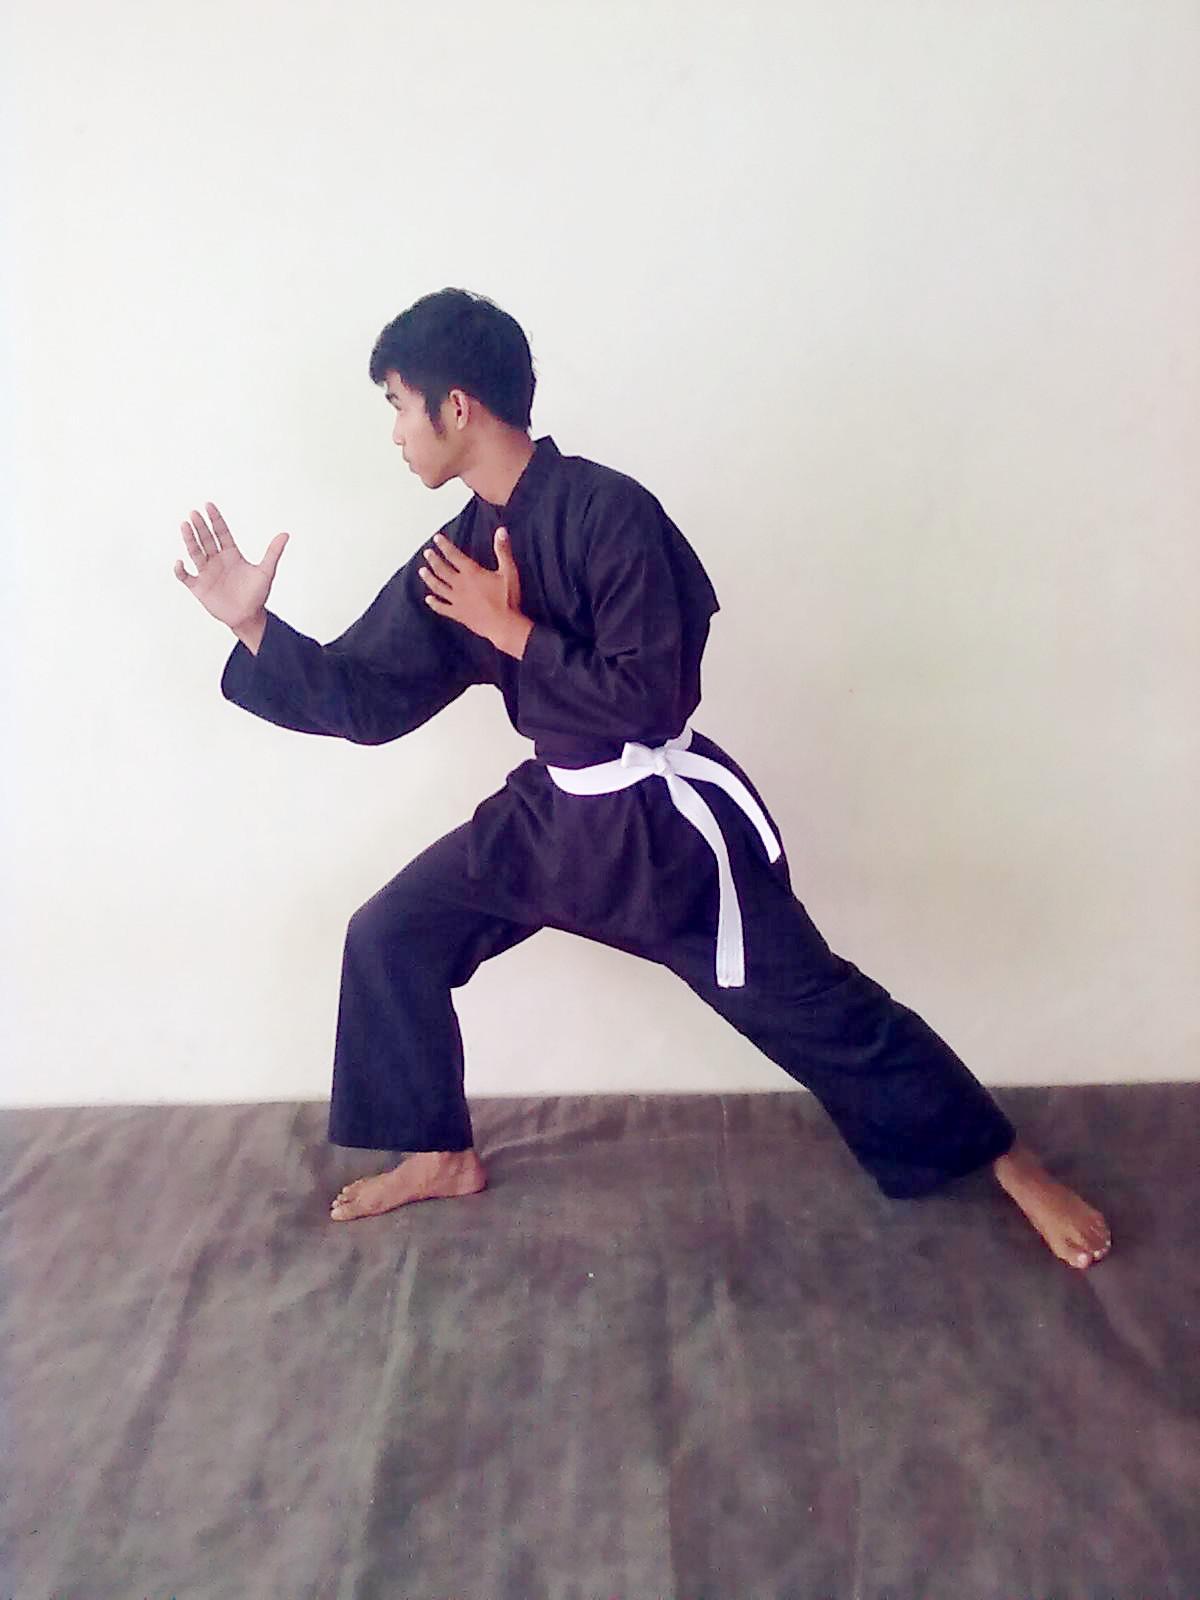 5 Teknik Dasar Taekwondo Beserta Gambarnya